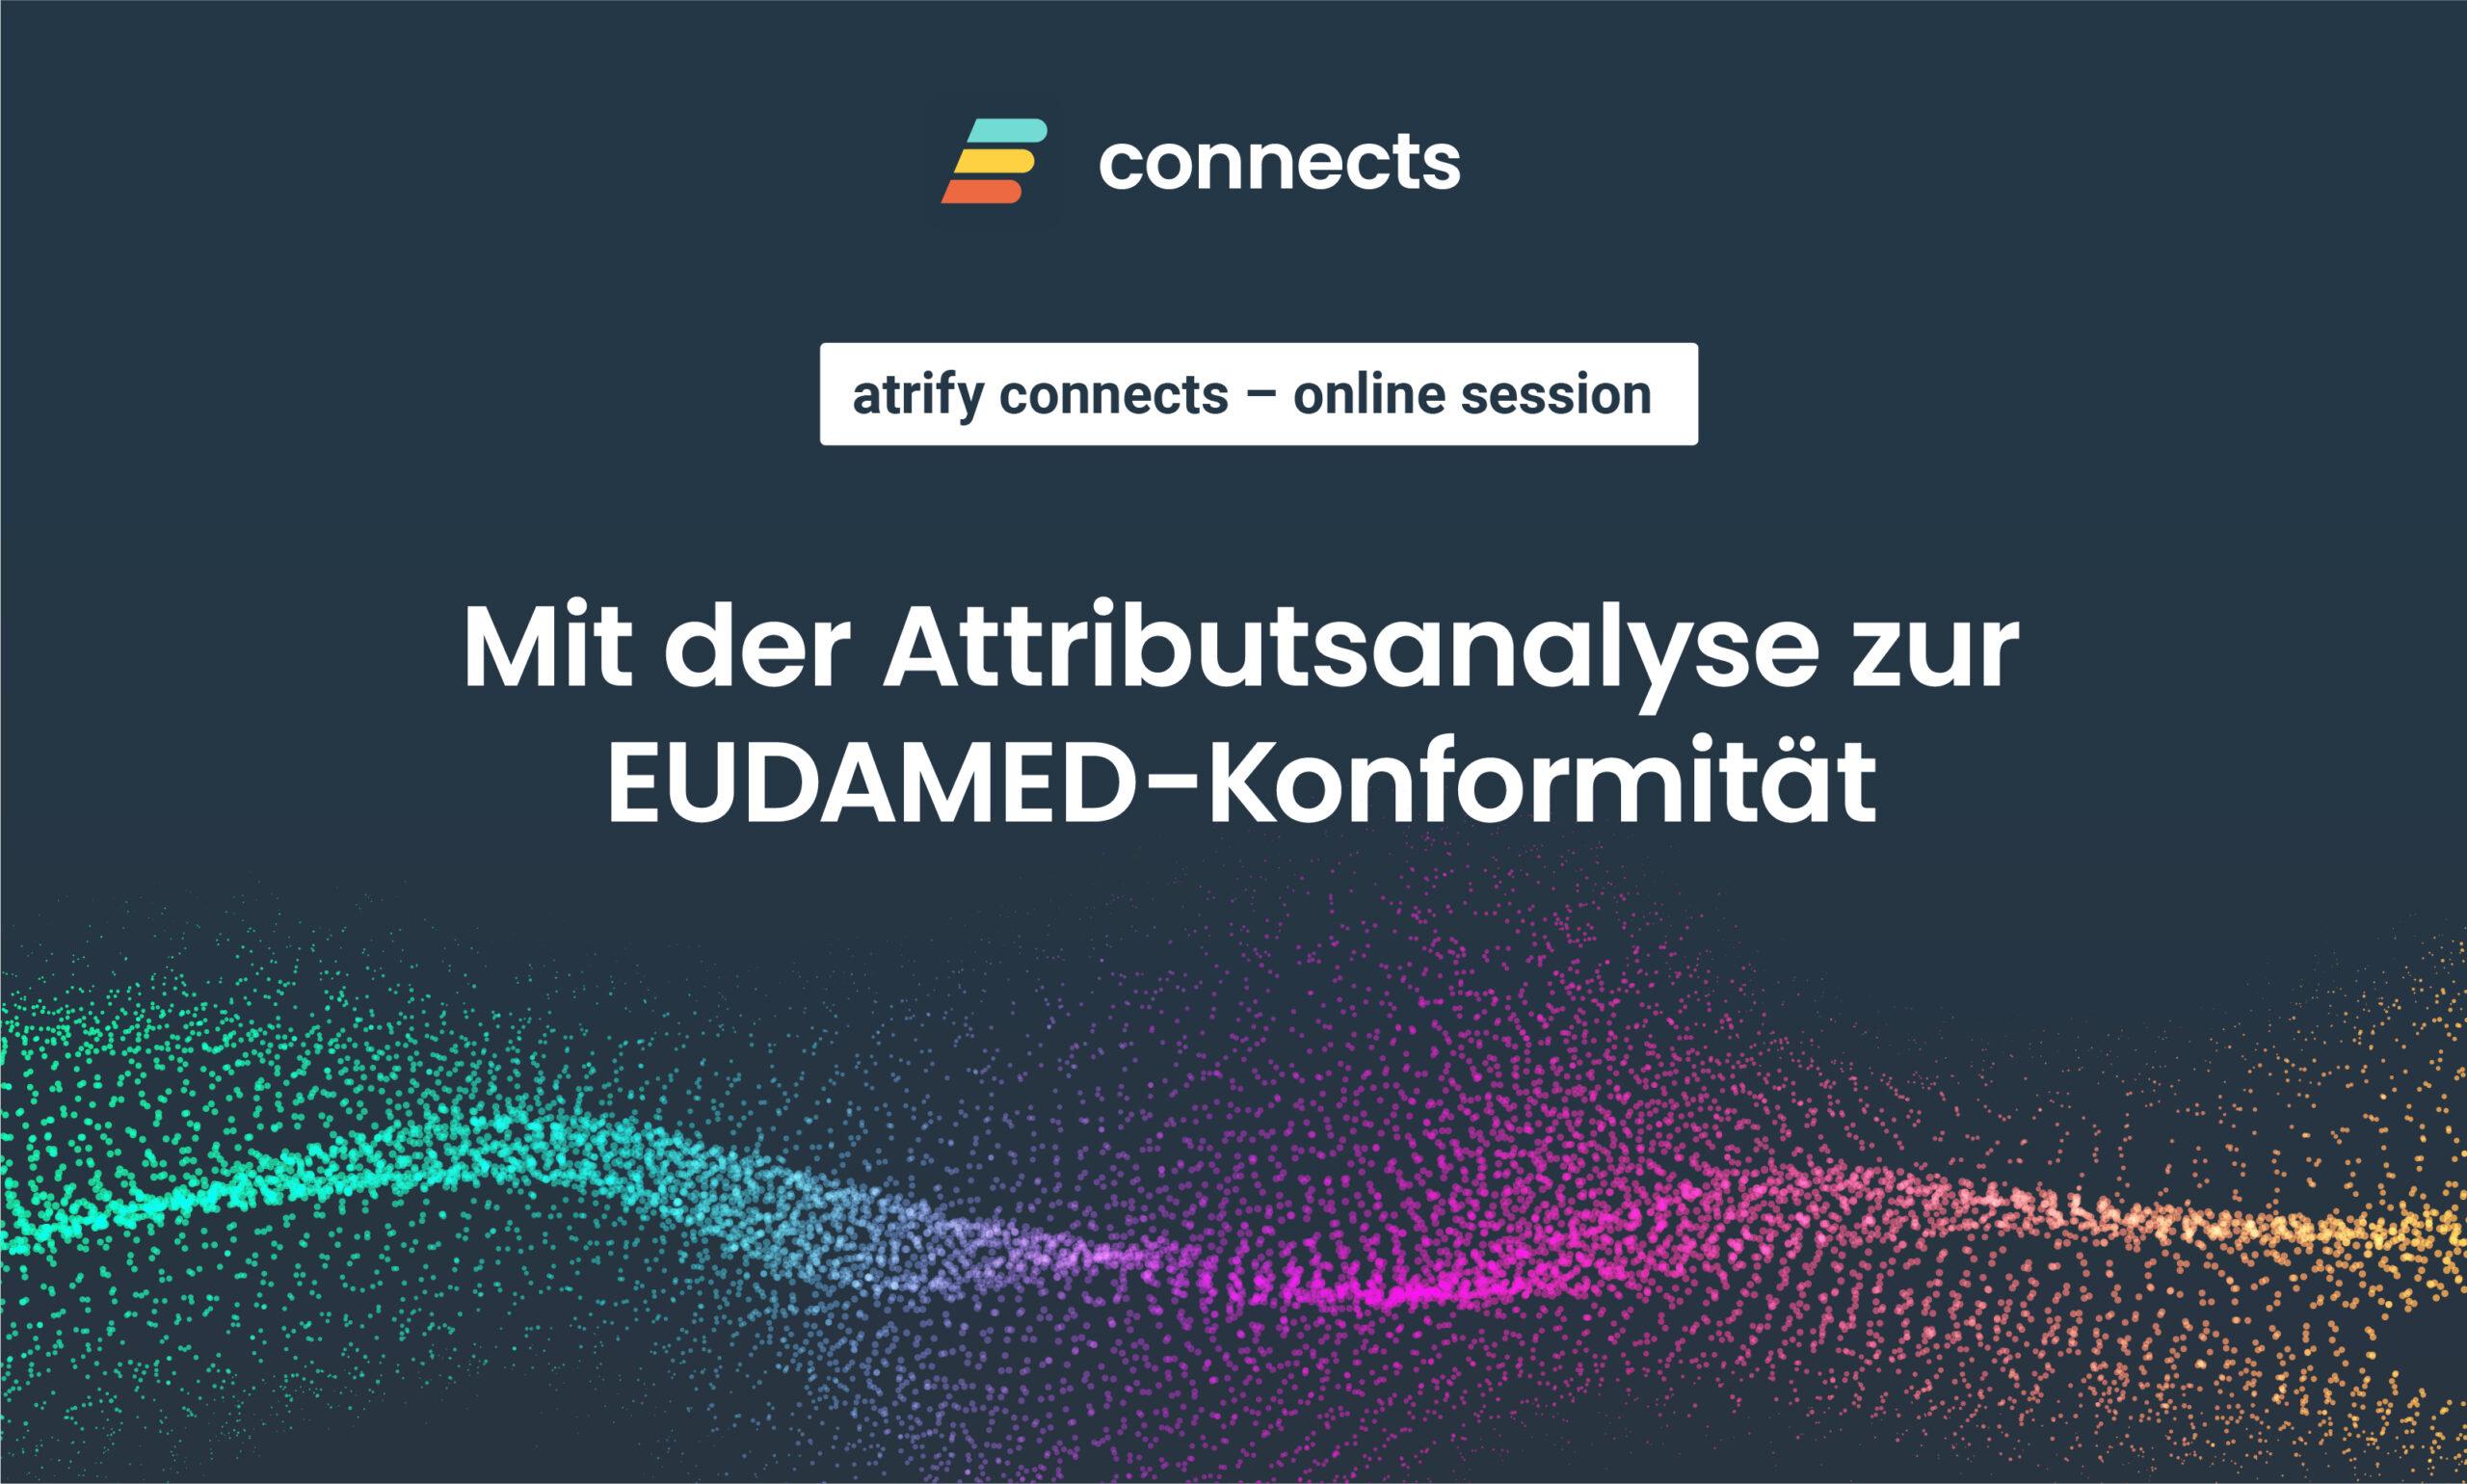 Mit der Attributsanalyse zur EUDAMED-Konformität